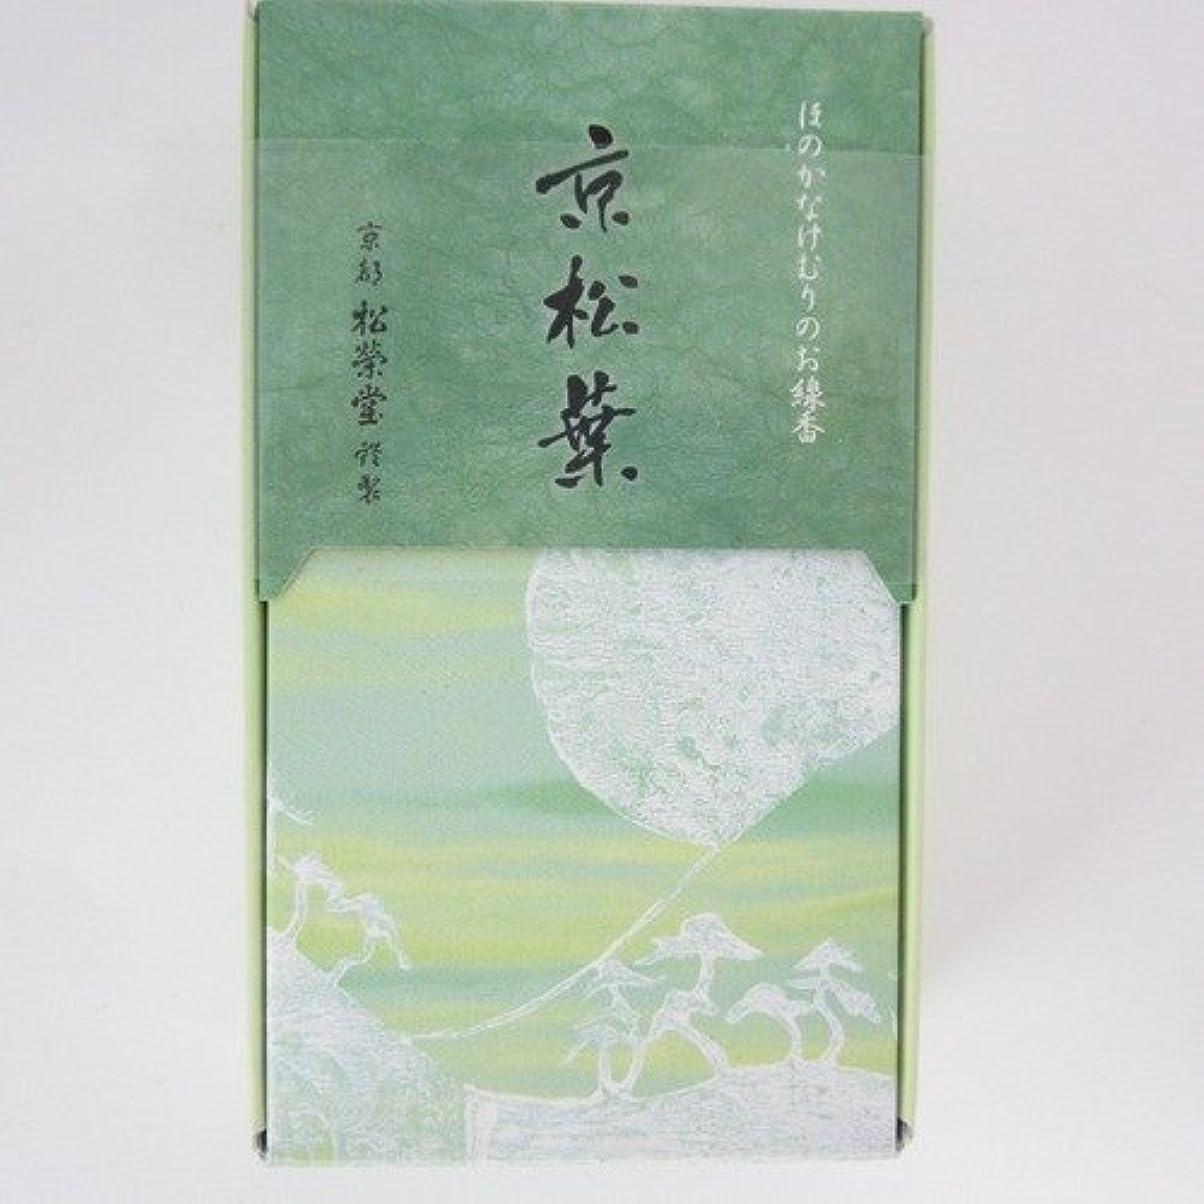 ヤギ謎トピック松栄堂 玉響シリーズ お香 京松葉 45g